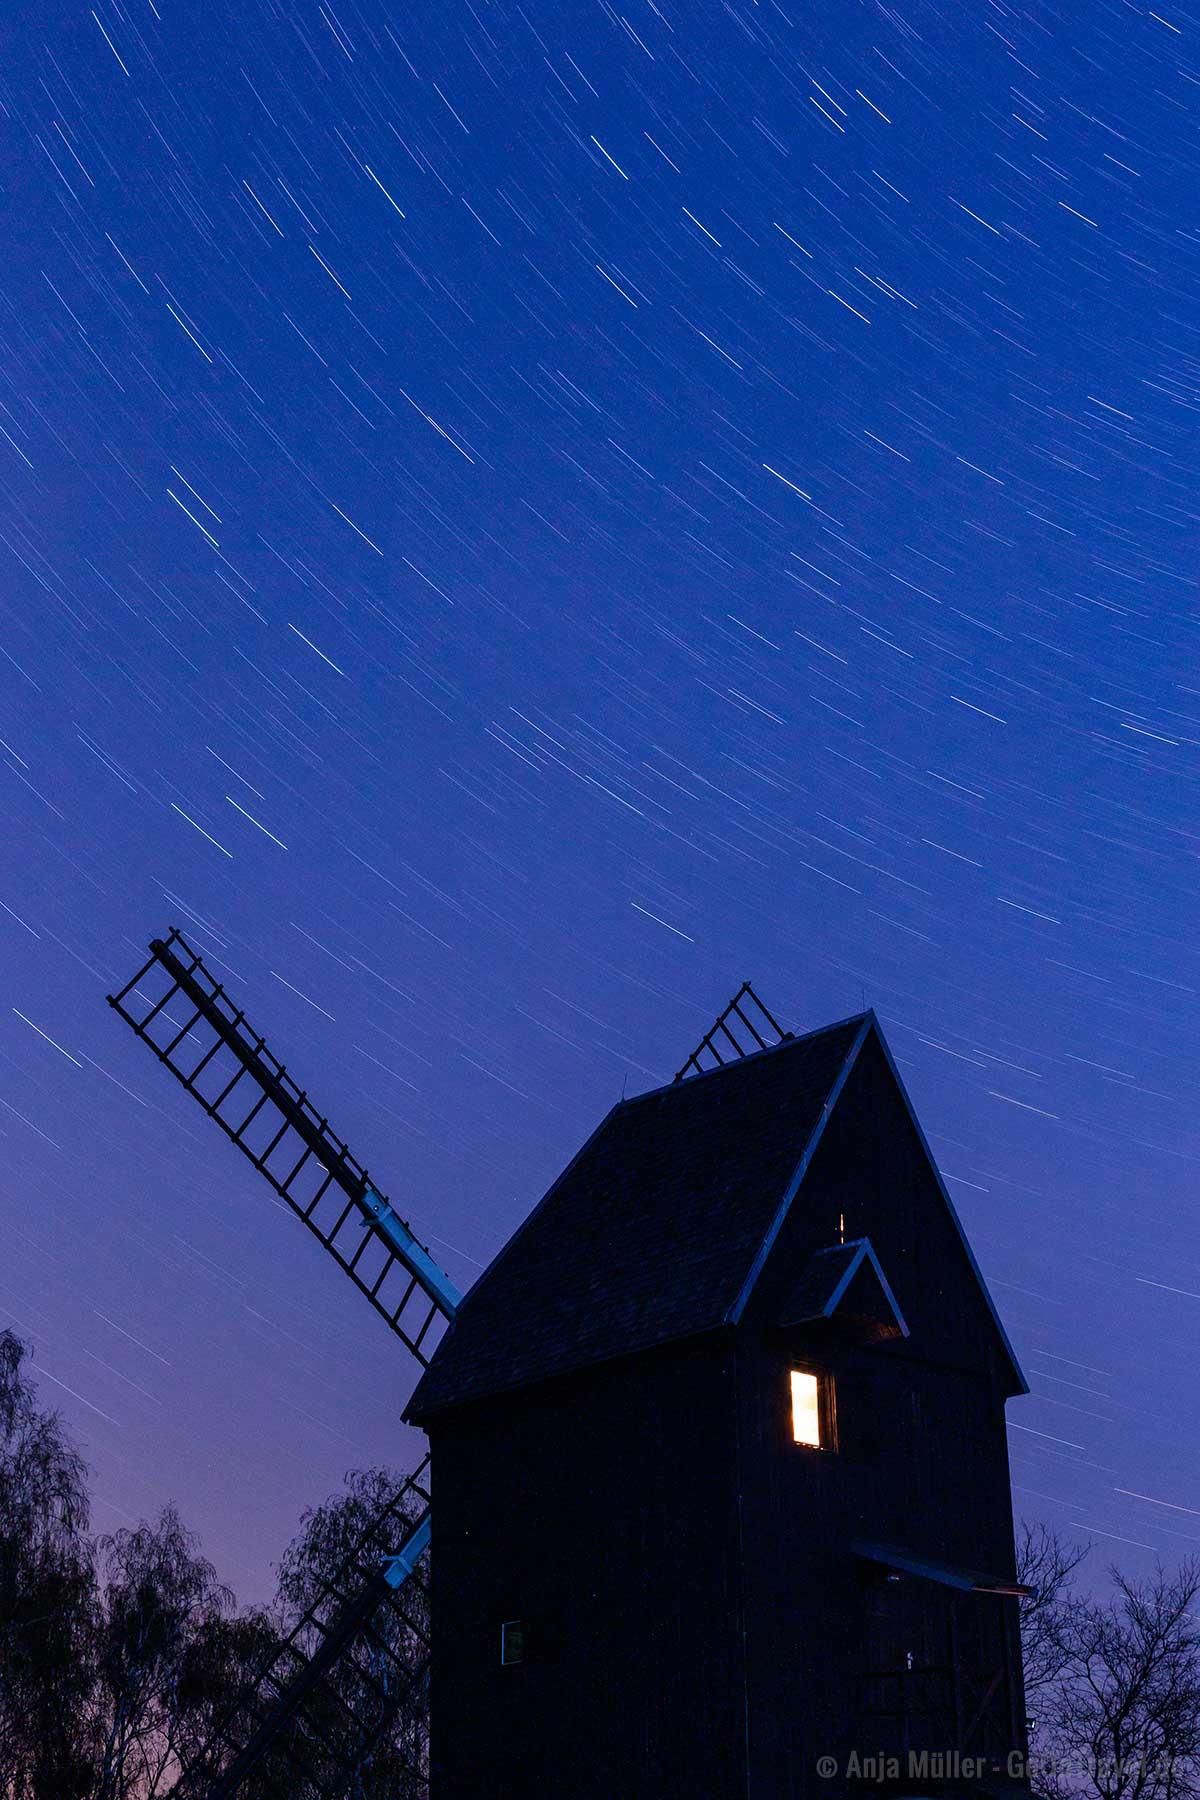 Strichspuren oder auch Startrails in der Sternenfotografie